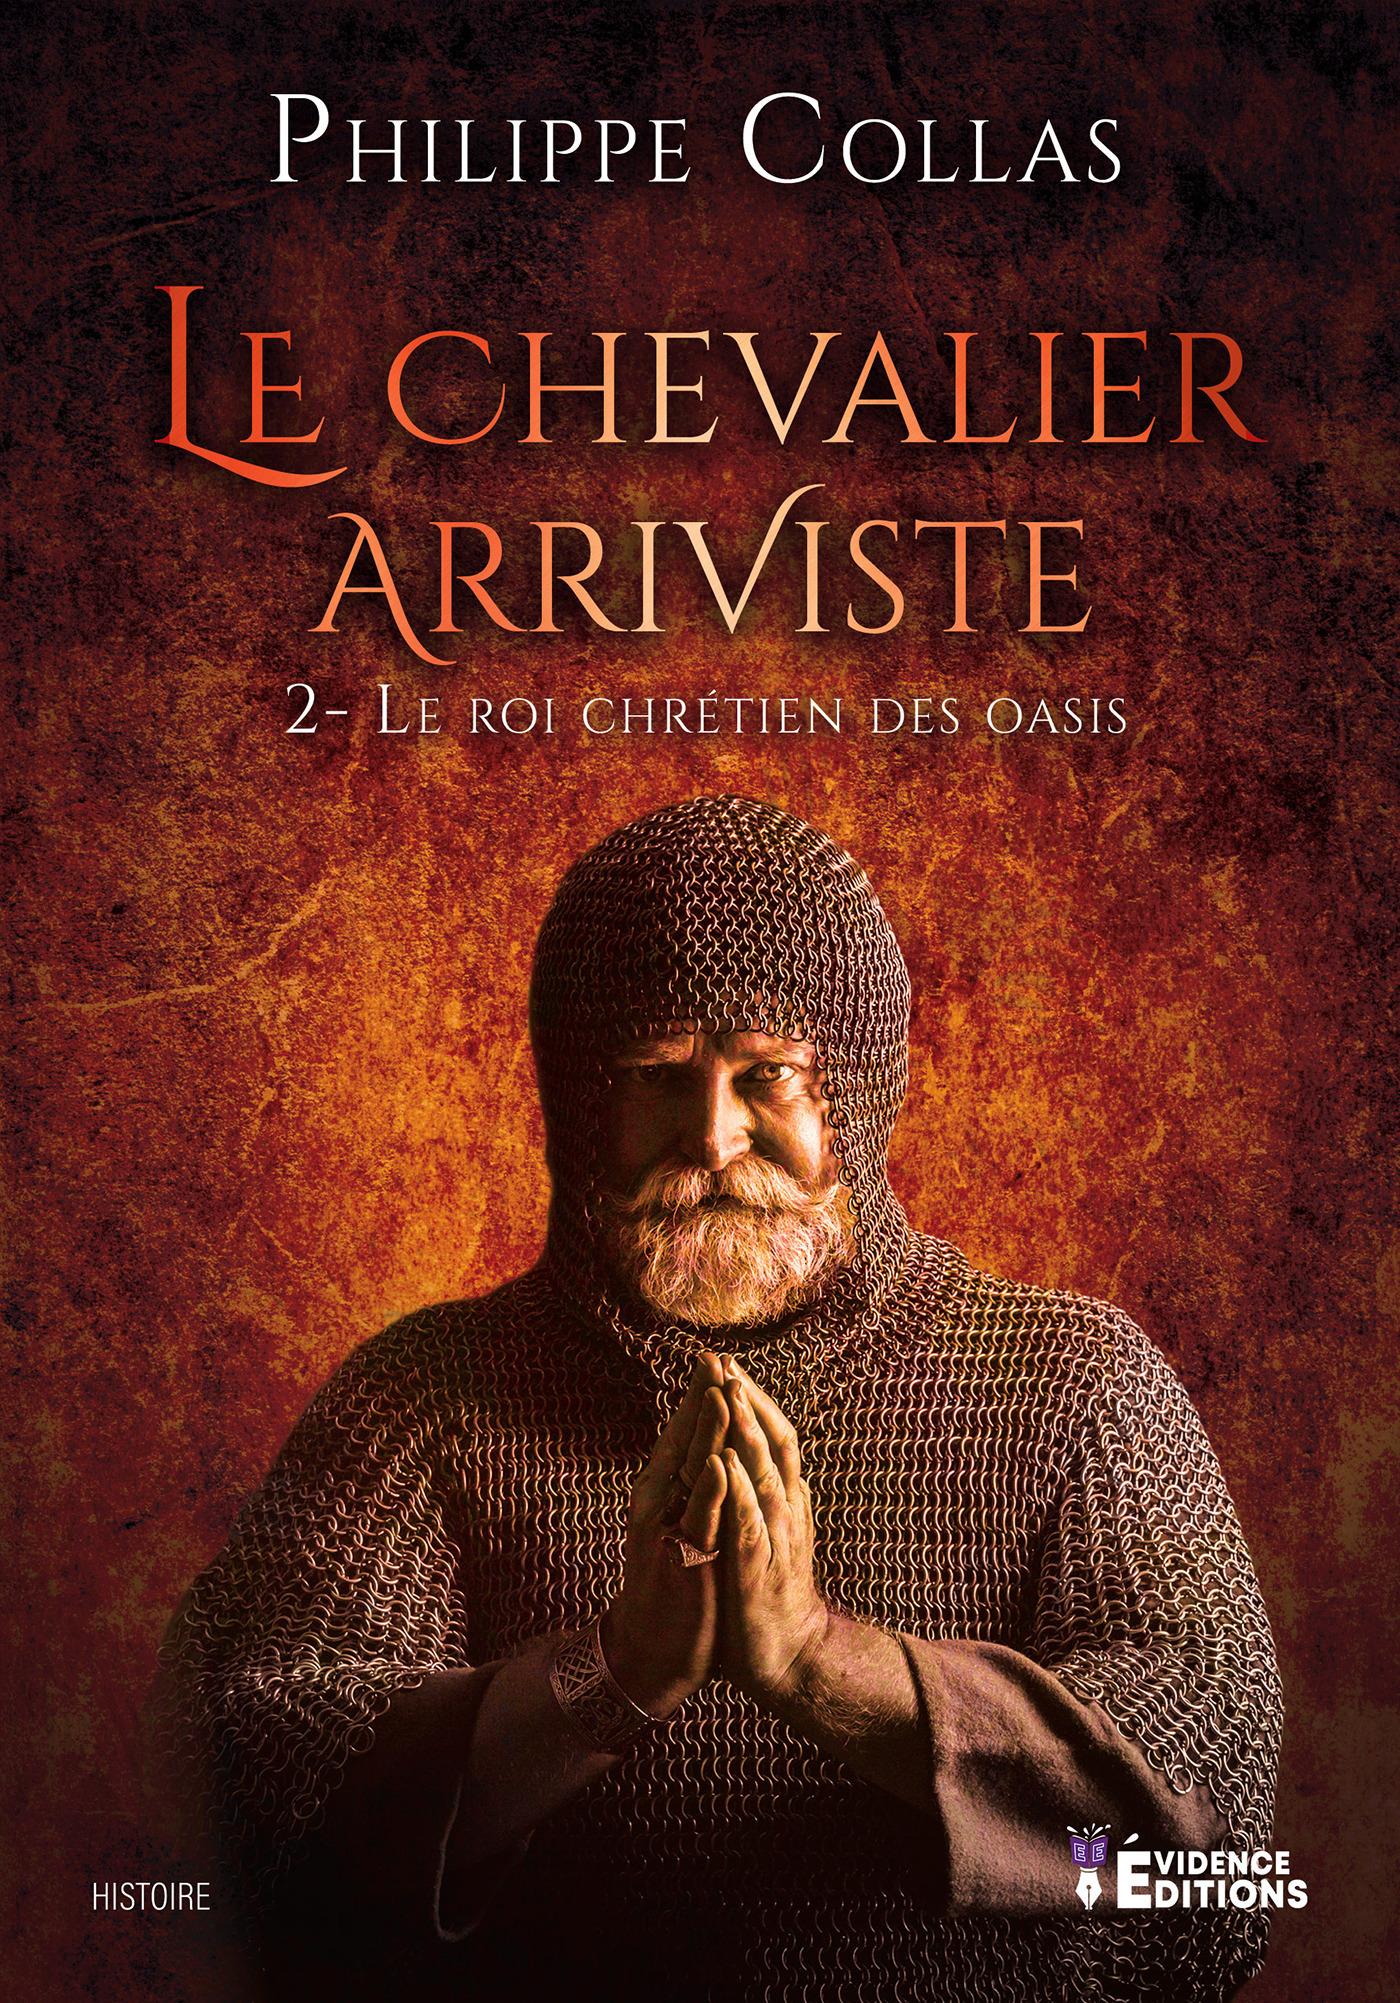 Le chevalier arriviste tome 2